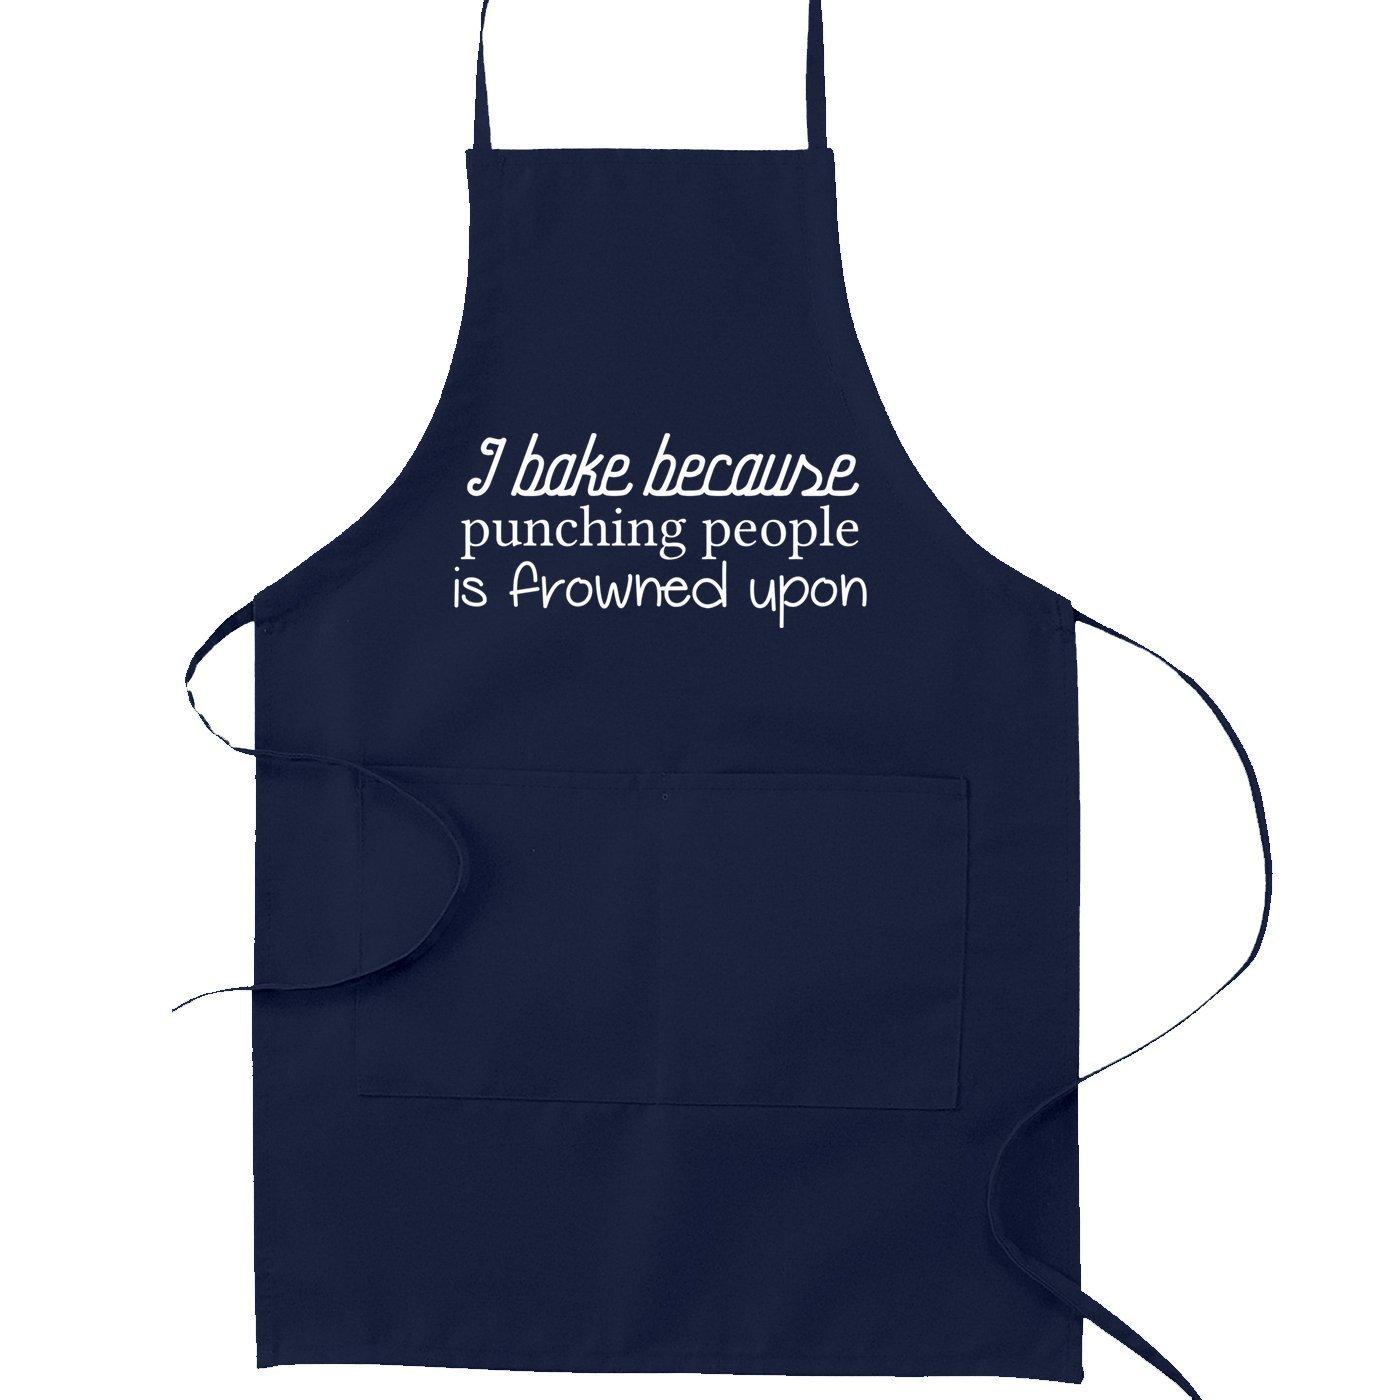 IベイクためPunching人は料理がFrowned UponおかしいパロディBakingキッチンエプロン OneSize ブルー SP-00082KA-NB  ネイビーブルー B01MUVALR5